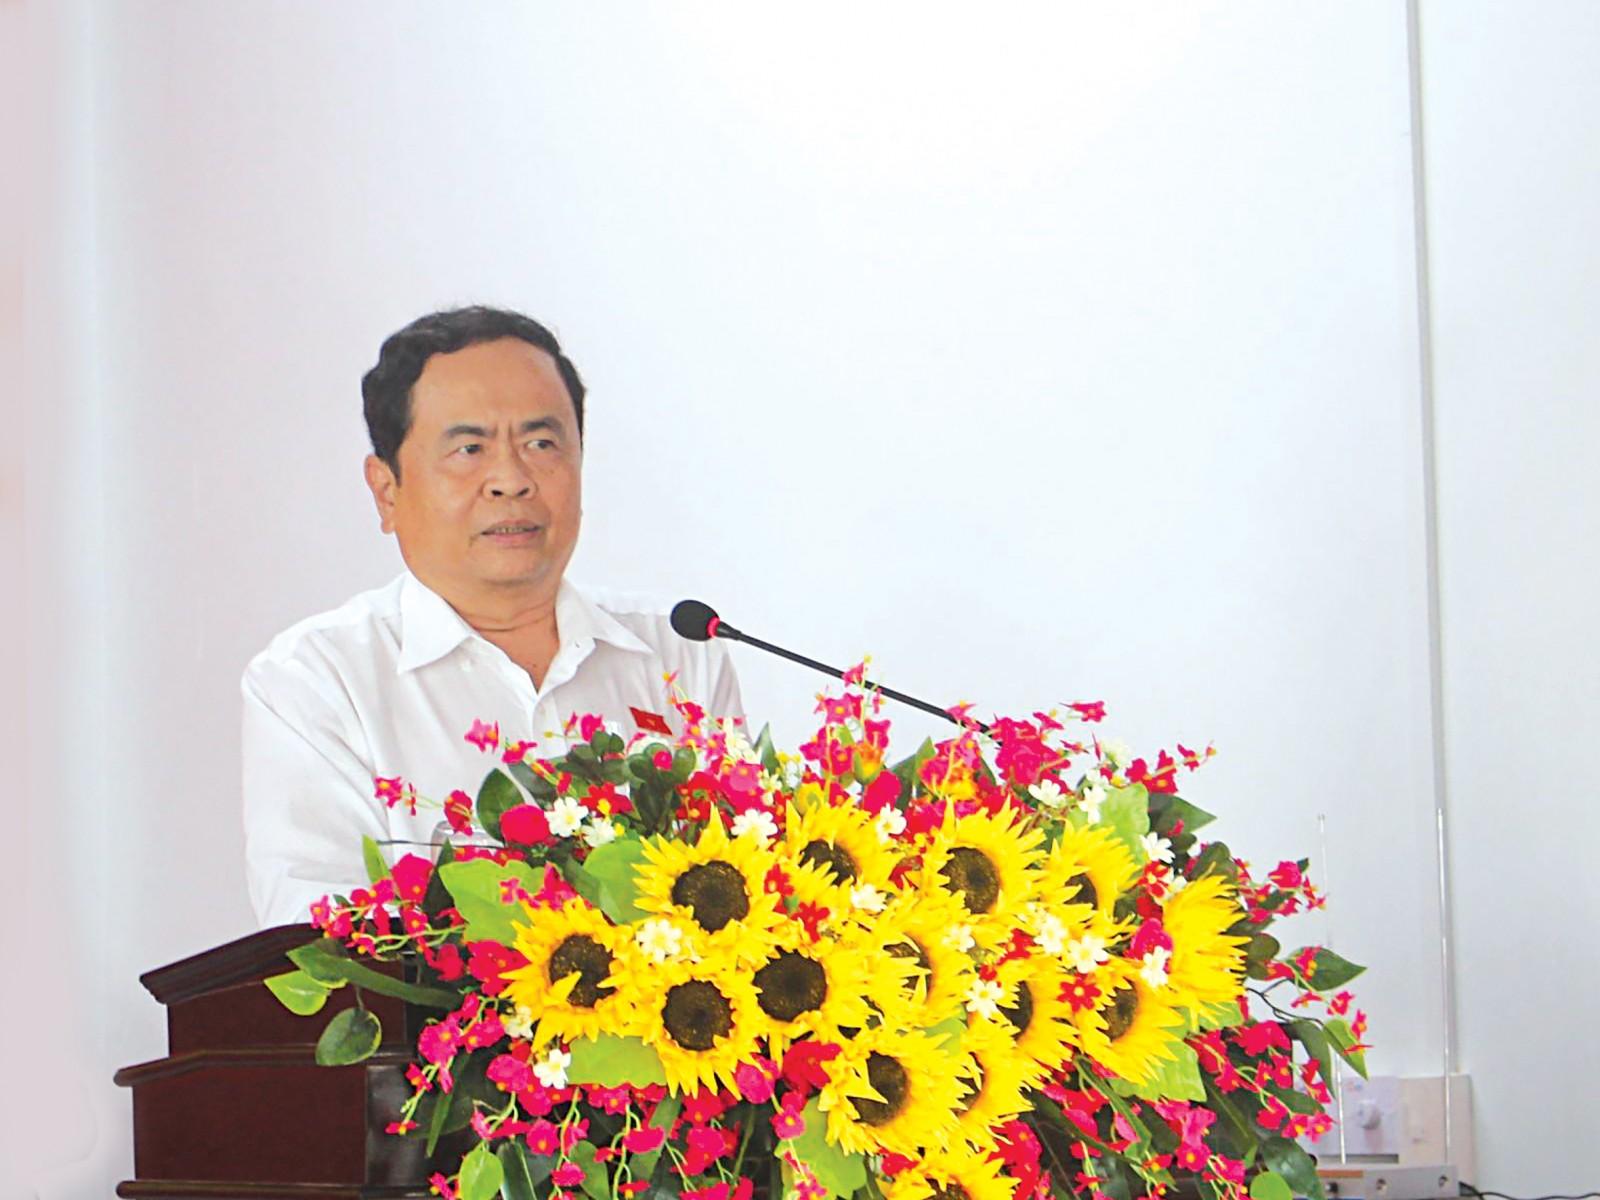 Ông Trần Thanh Mẫn, Bí Thư  Trung ương Đảng, Chủ tịch Ủy ban Trung ương MTTQVN phát biểu tại buổi tiếp xúc cử tri. Ảnh: Thanh Thư